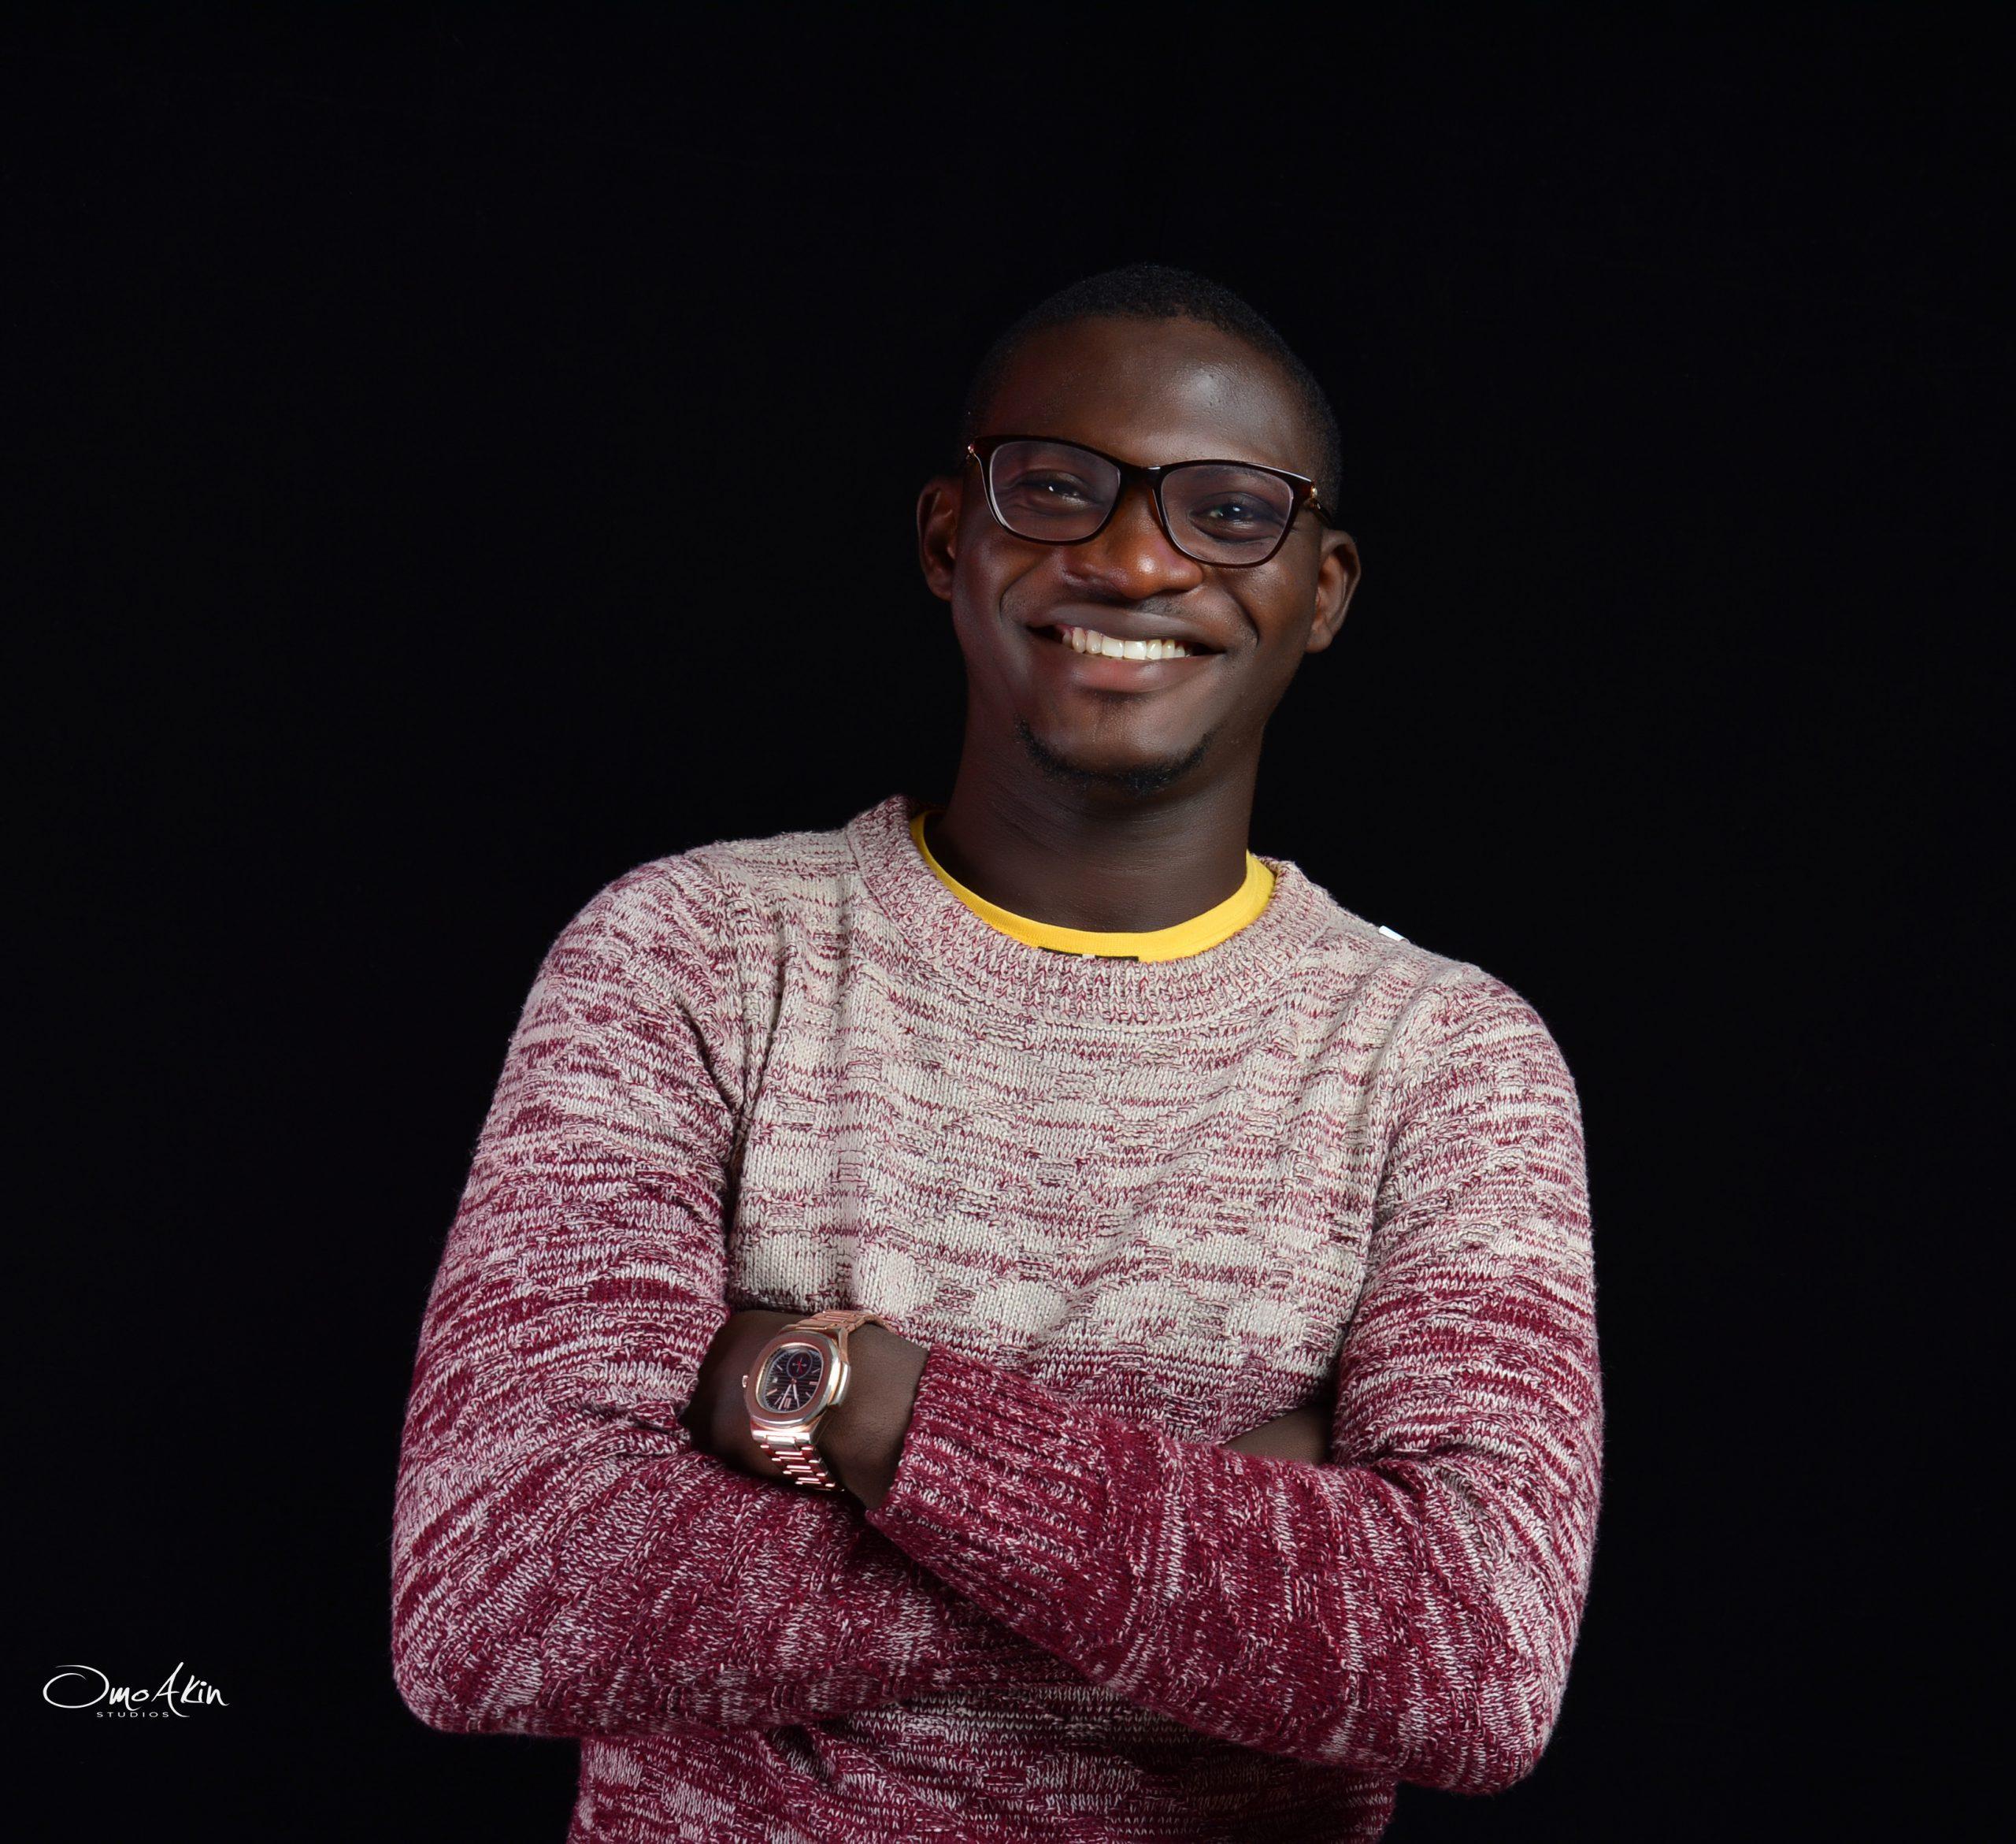 Adedayo Adeyemi Agarau